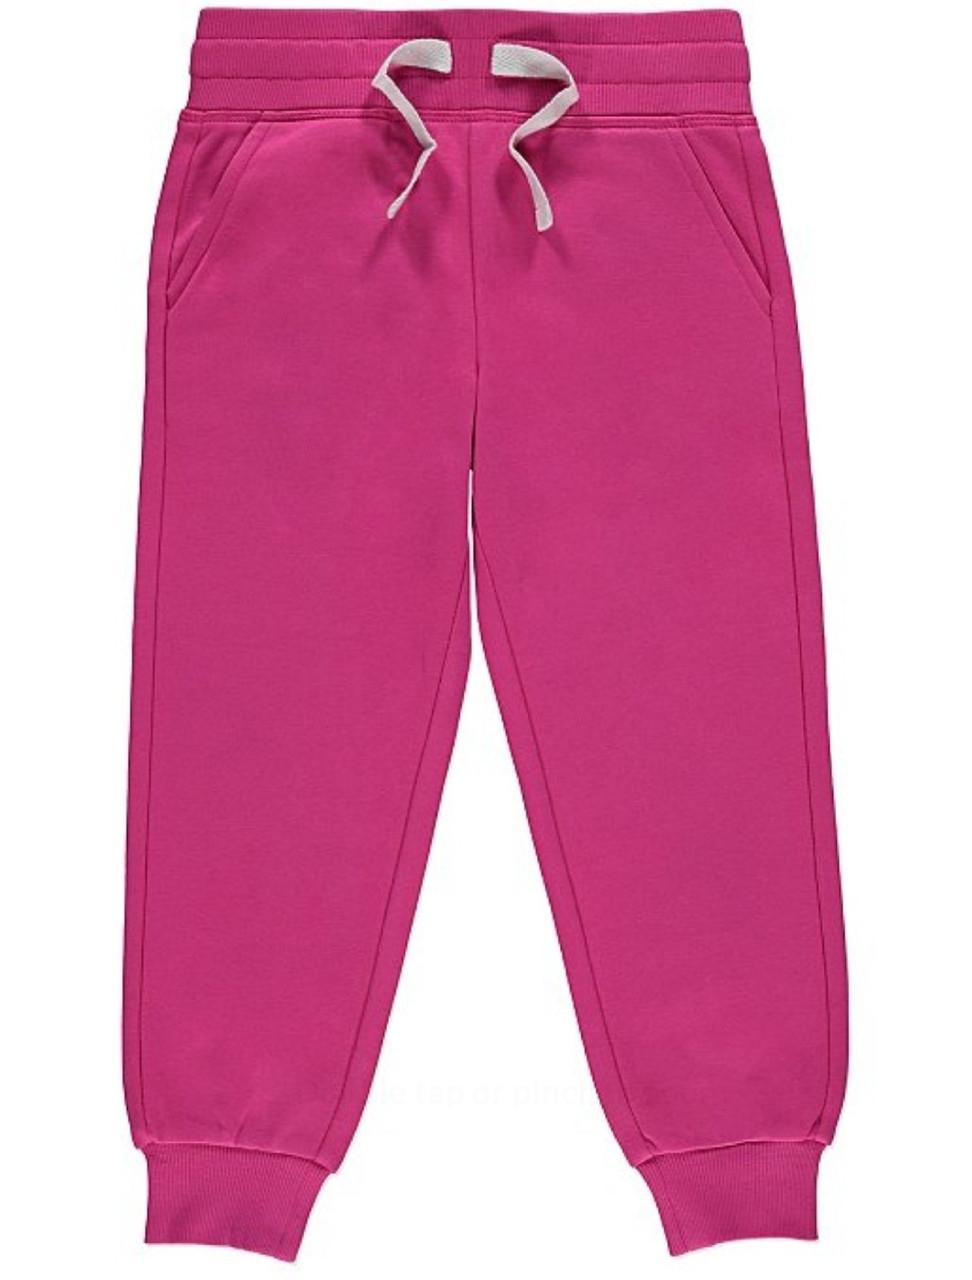 Спортивні штани для дівчаток рожеві George (Англія) 128, 134см